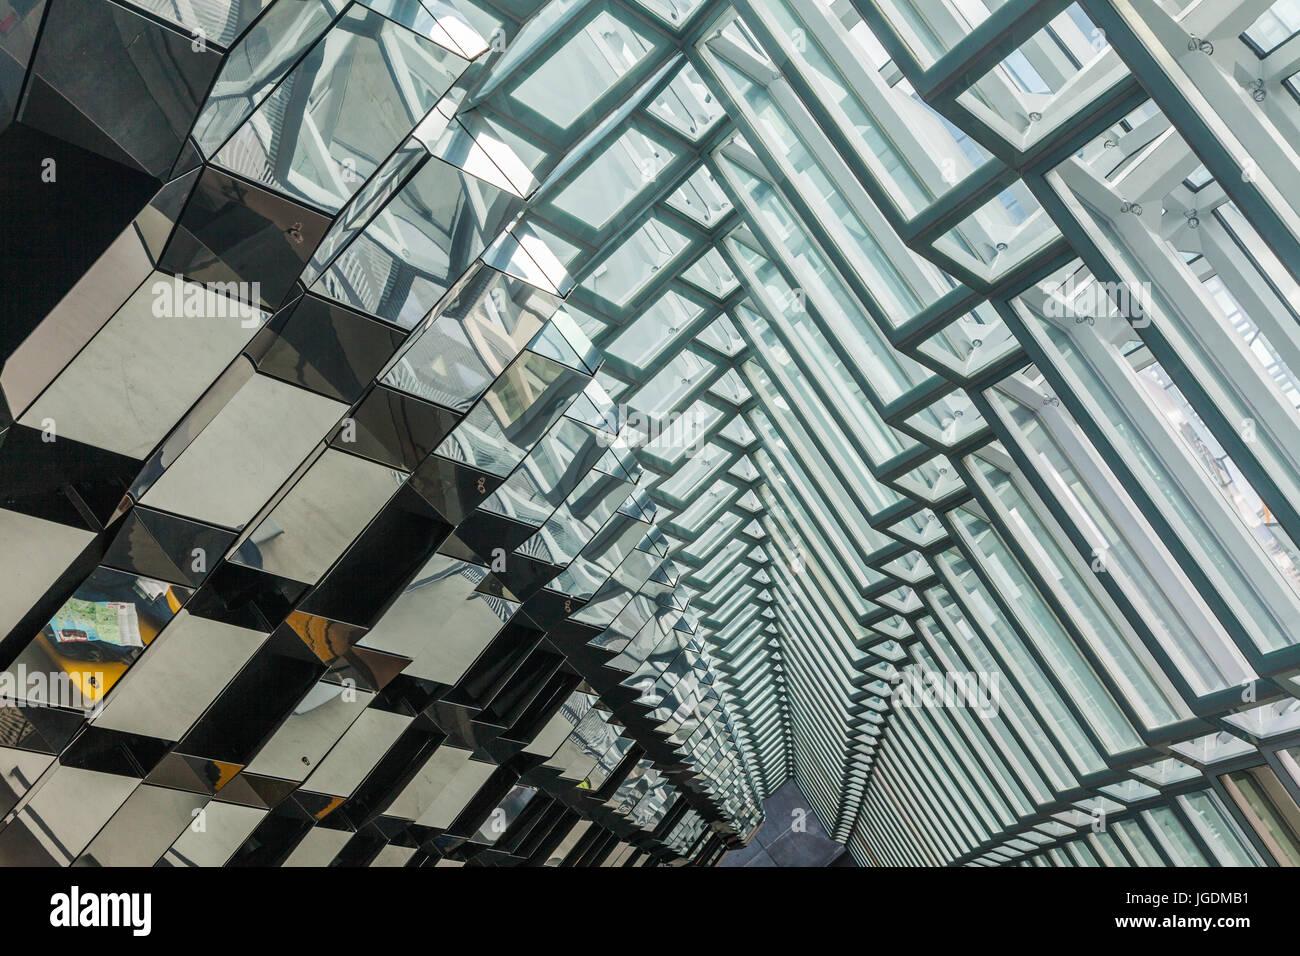 Perspektivisches Bild von Glaswand und Decke im Konzerthaus Harpa Stockbild